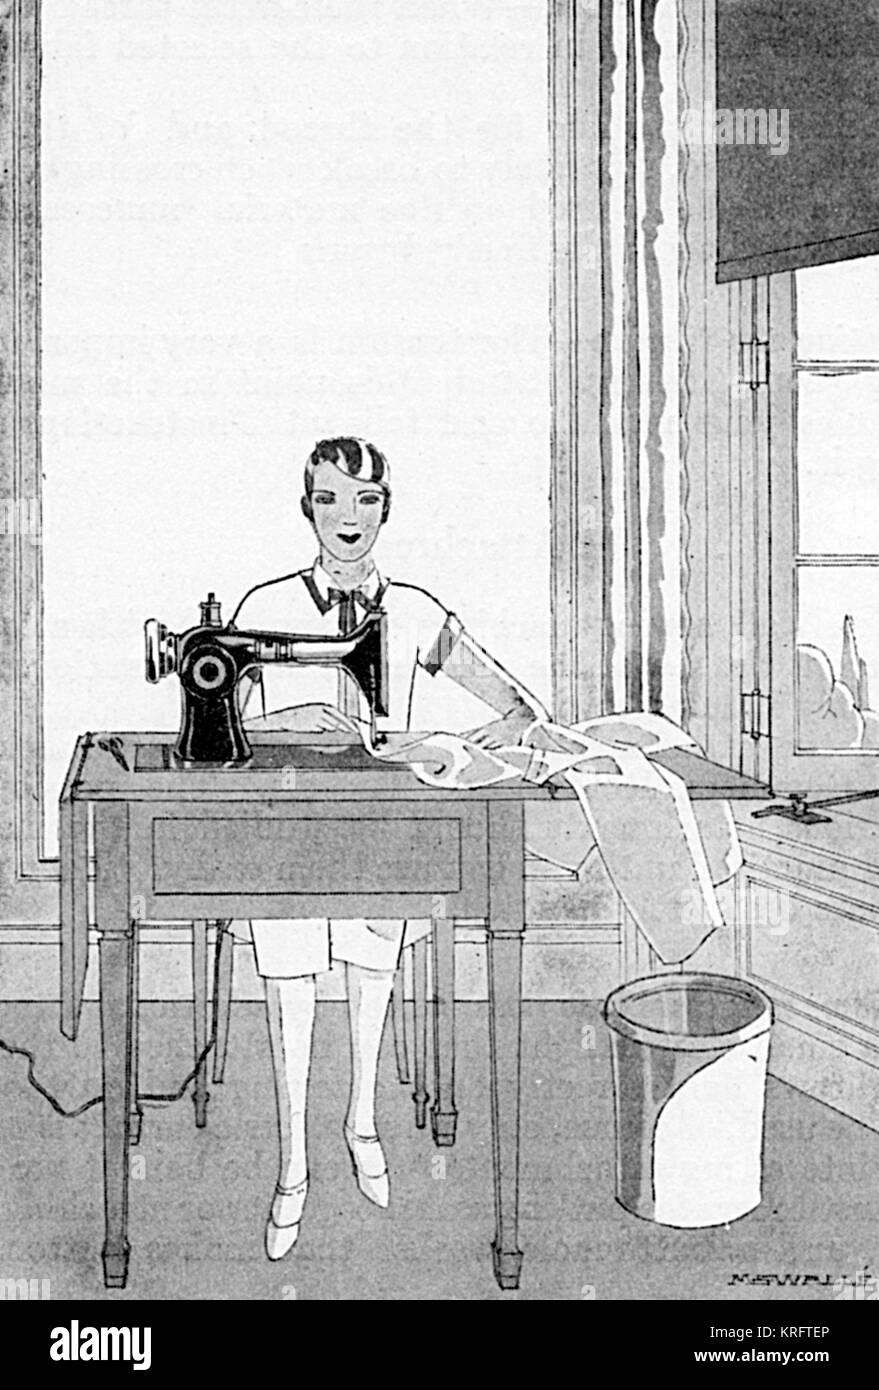 Una elegante dama con cabello bobbed utiliza una máquina de coser sobre una  mesa de trabajo a144e28398d